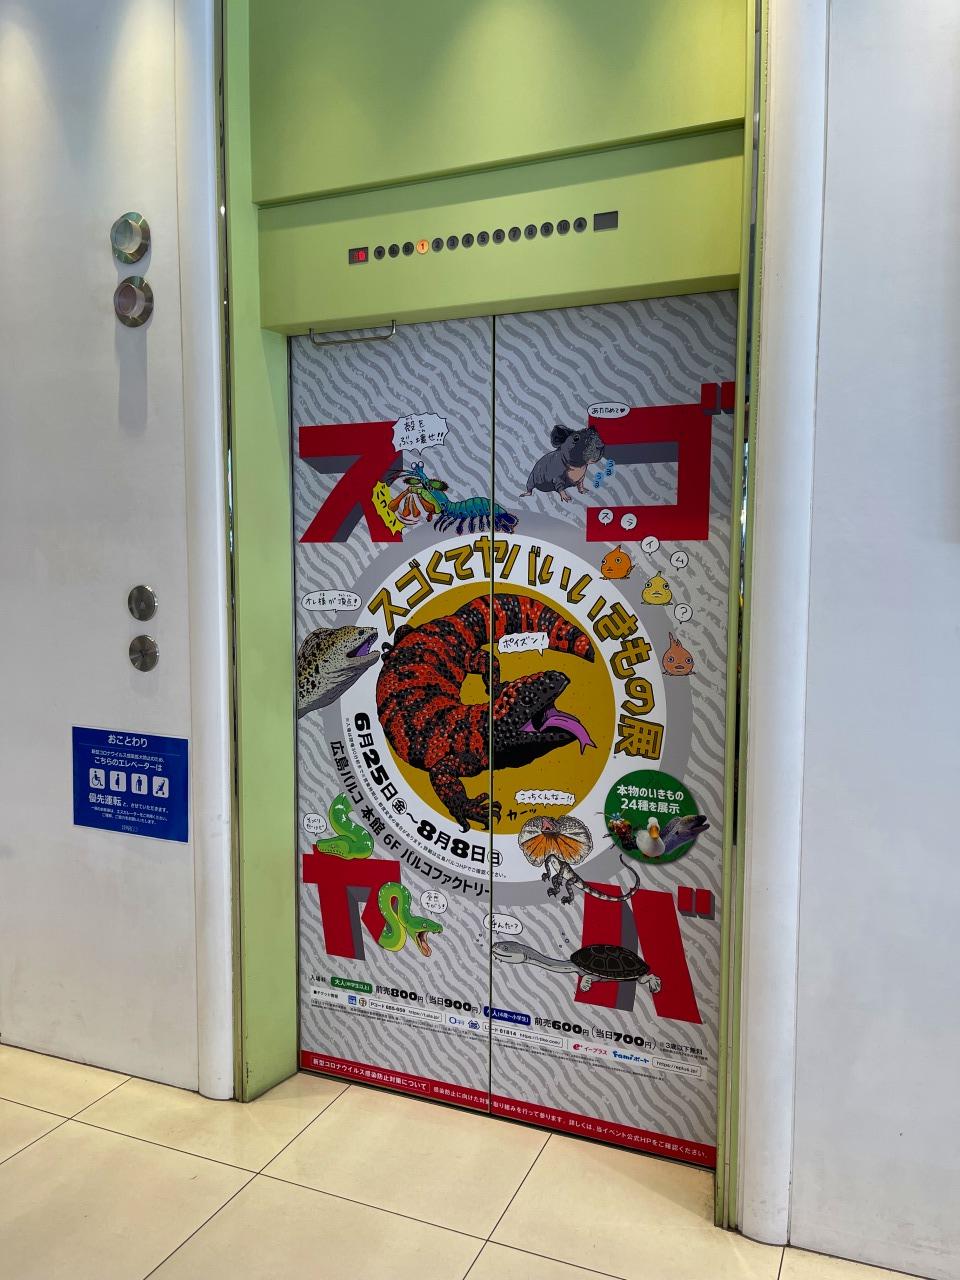 スゴヤバ展広島!!スゴくてヤバいいきもの展 広島PARCO本館6Fパルコファクトリーにて開催中!!